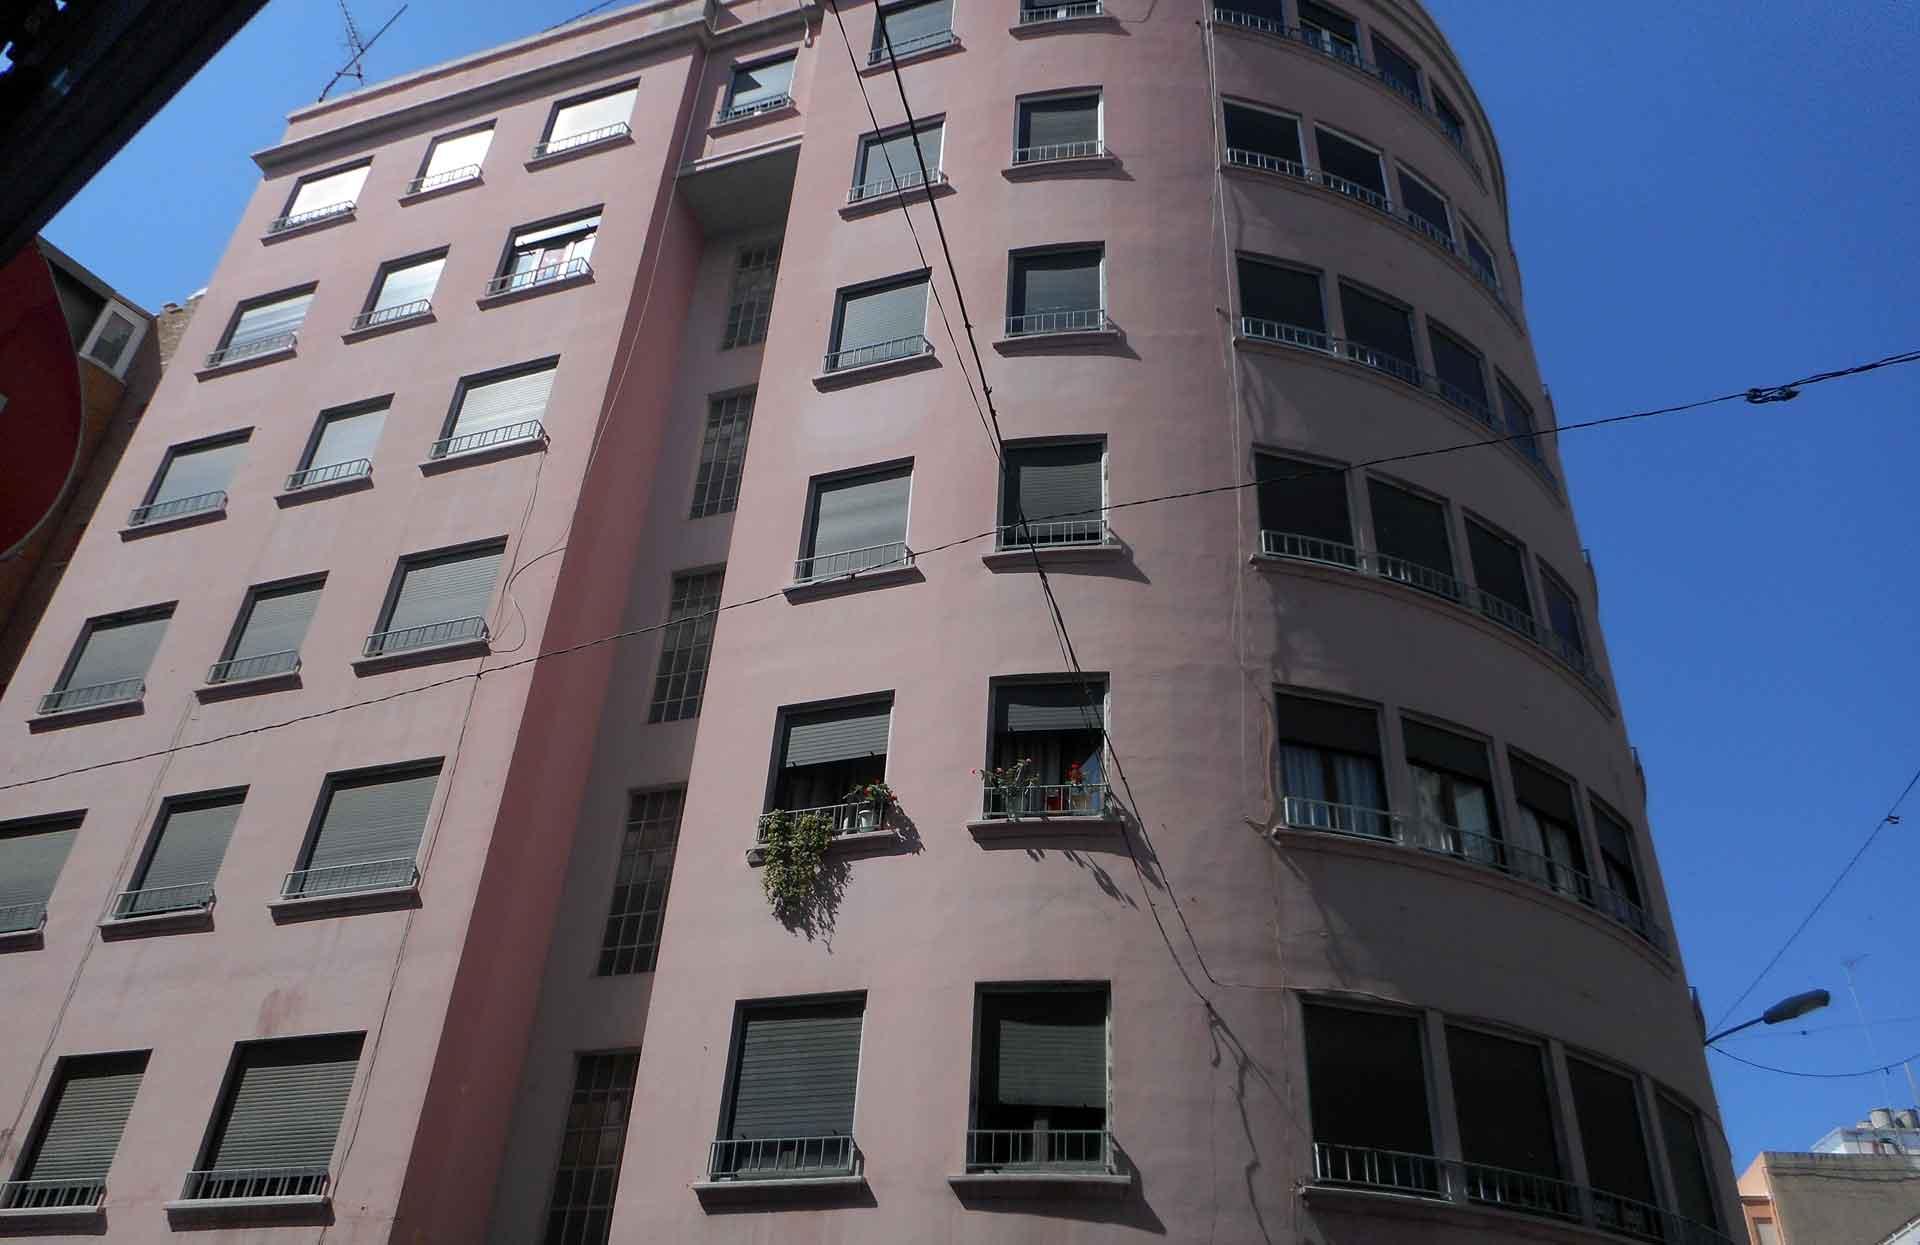 Piso con ascensor en venta en Burriana (Castellón) zona CENTRO